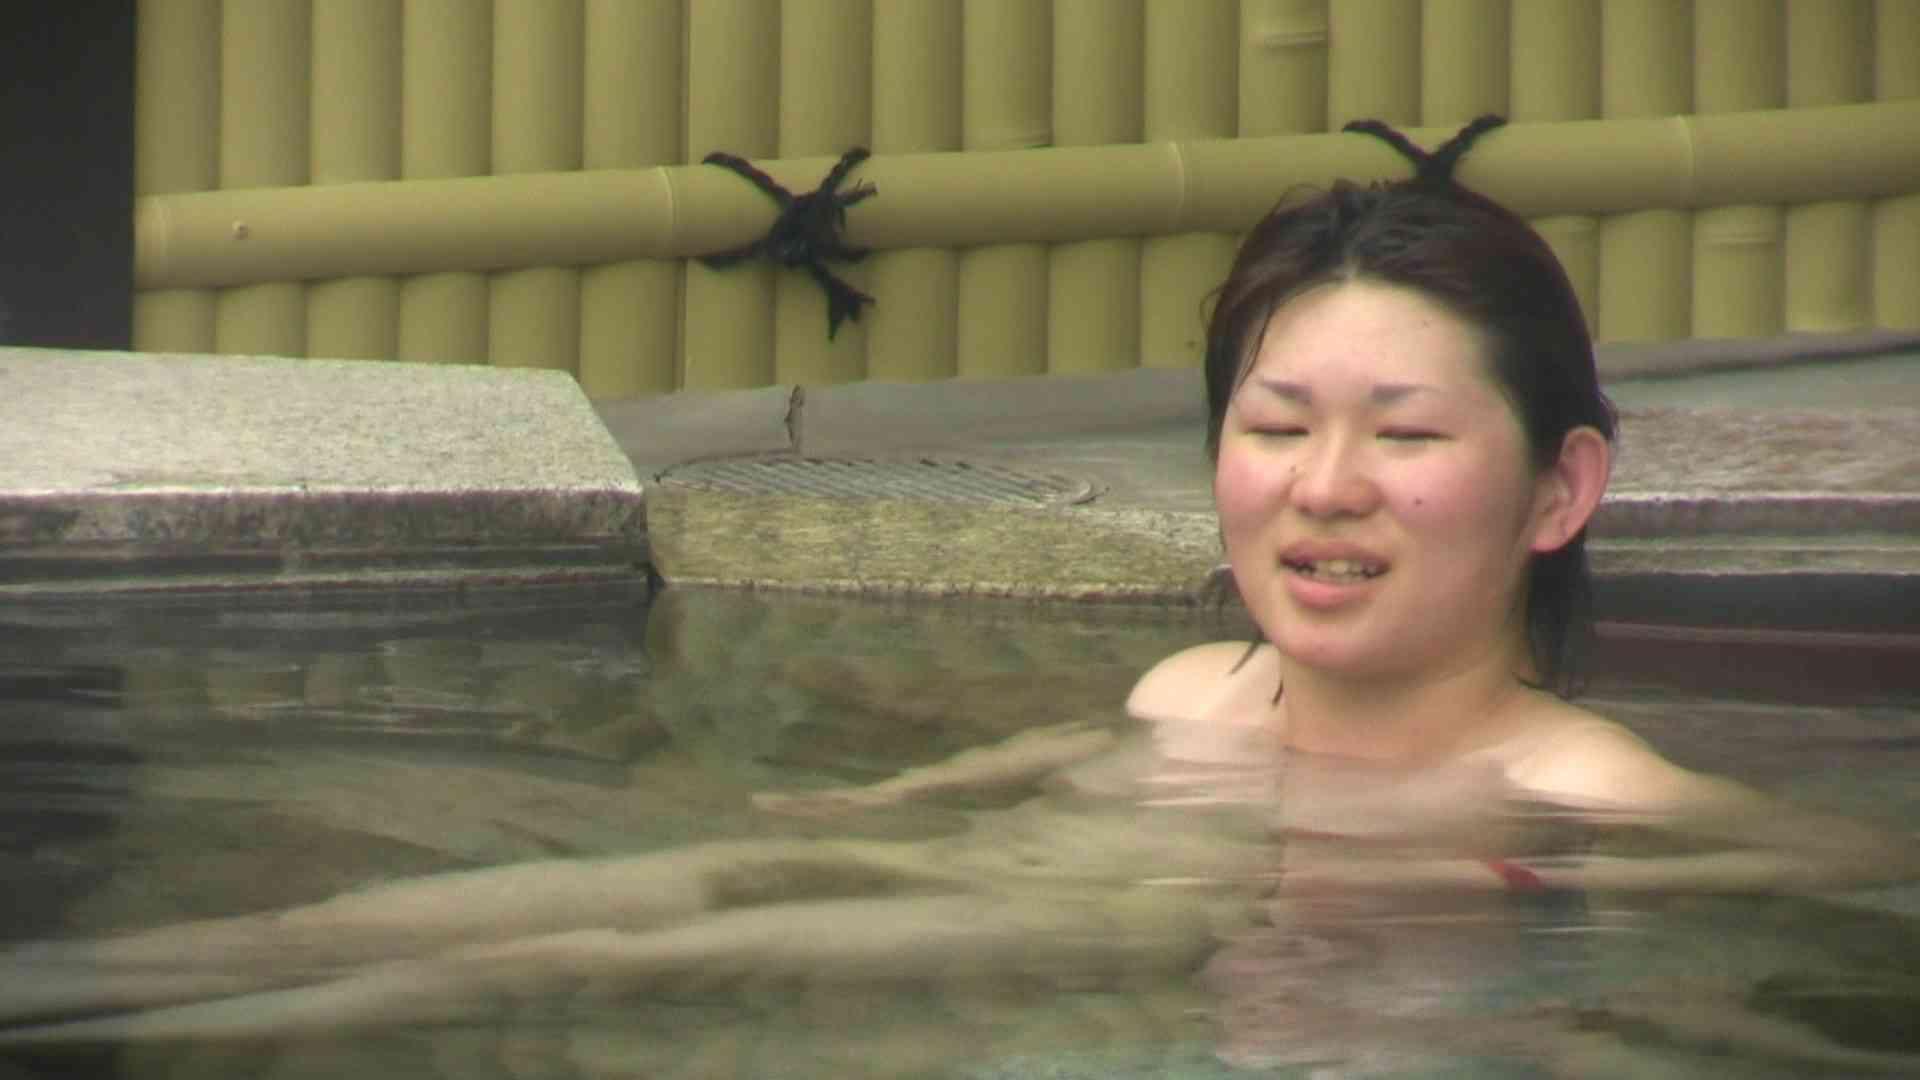 Aquaな露天風呂Vol.673 0   0  91pic 73